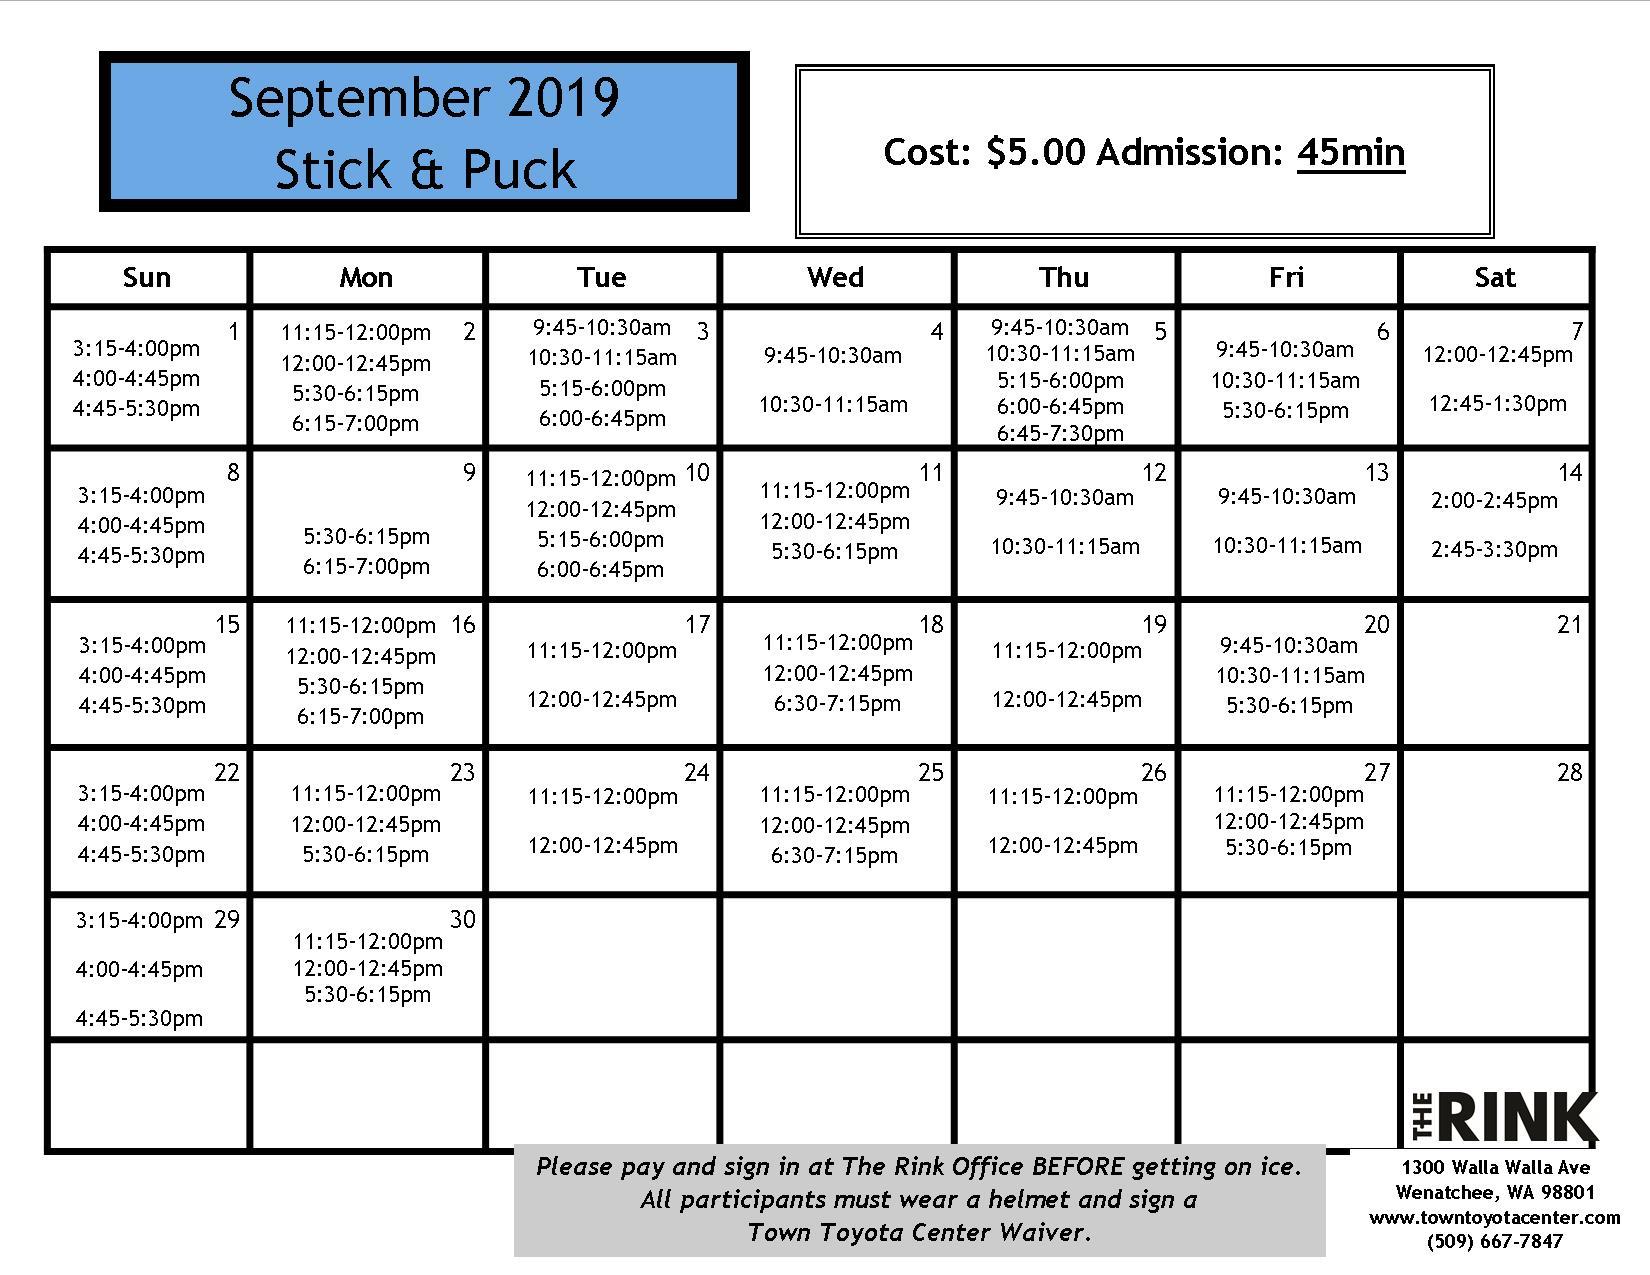 September 2019 Stick & Puck Calendar.jpg